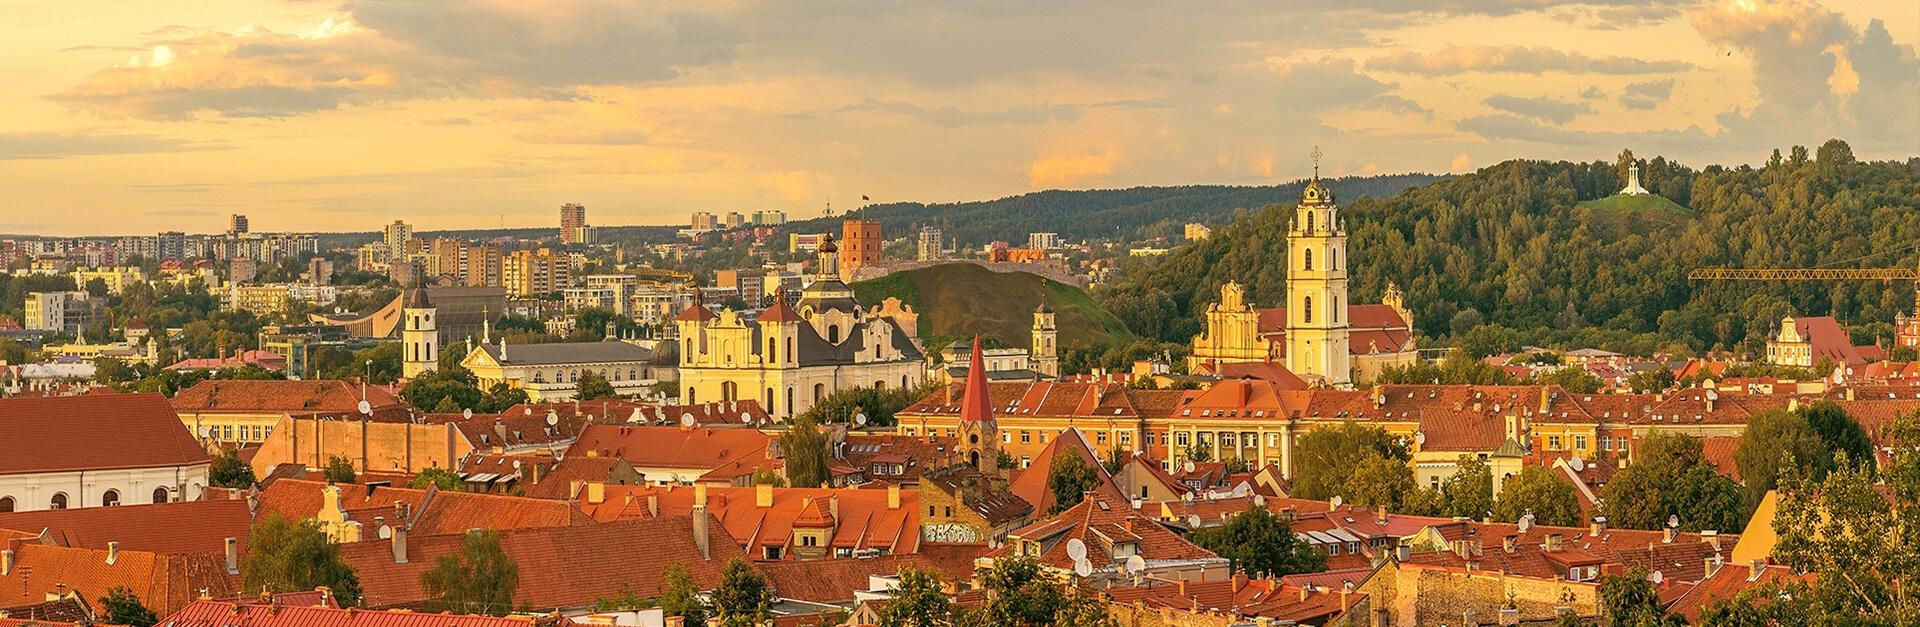 nauji butai Vilniaus senamiestyje